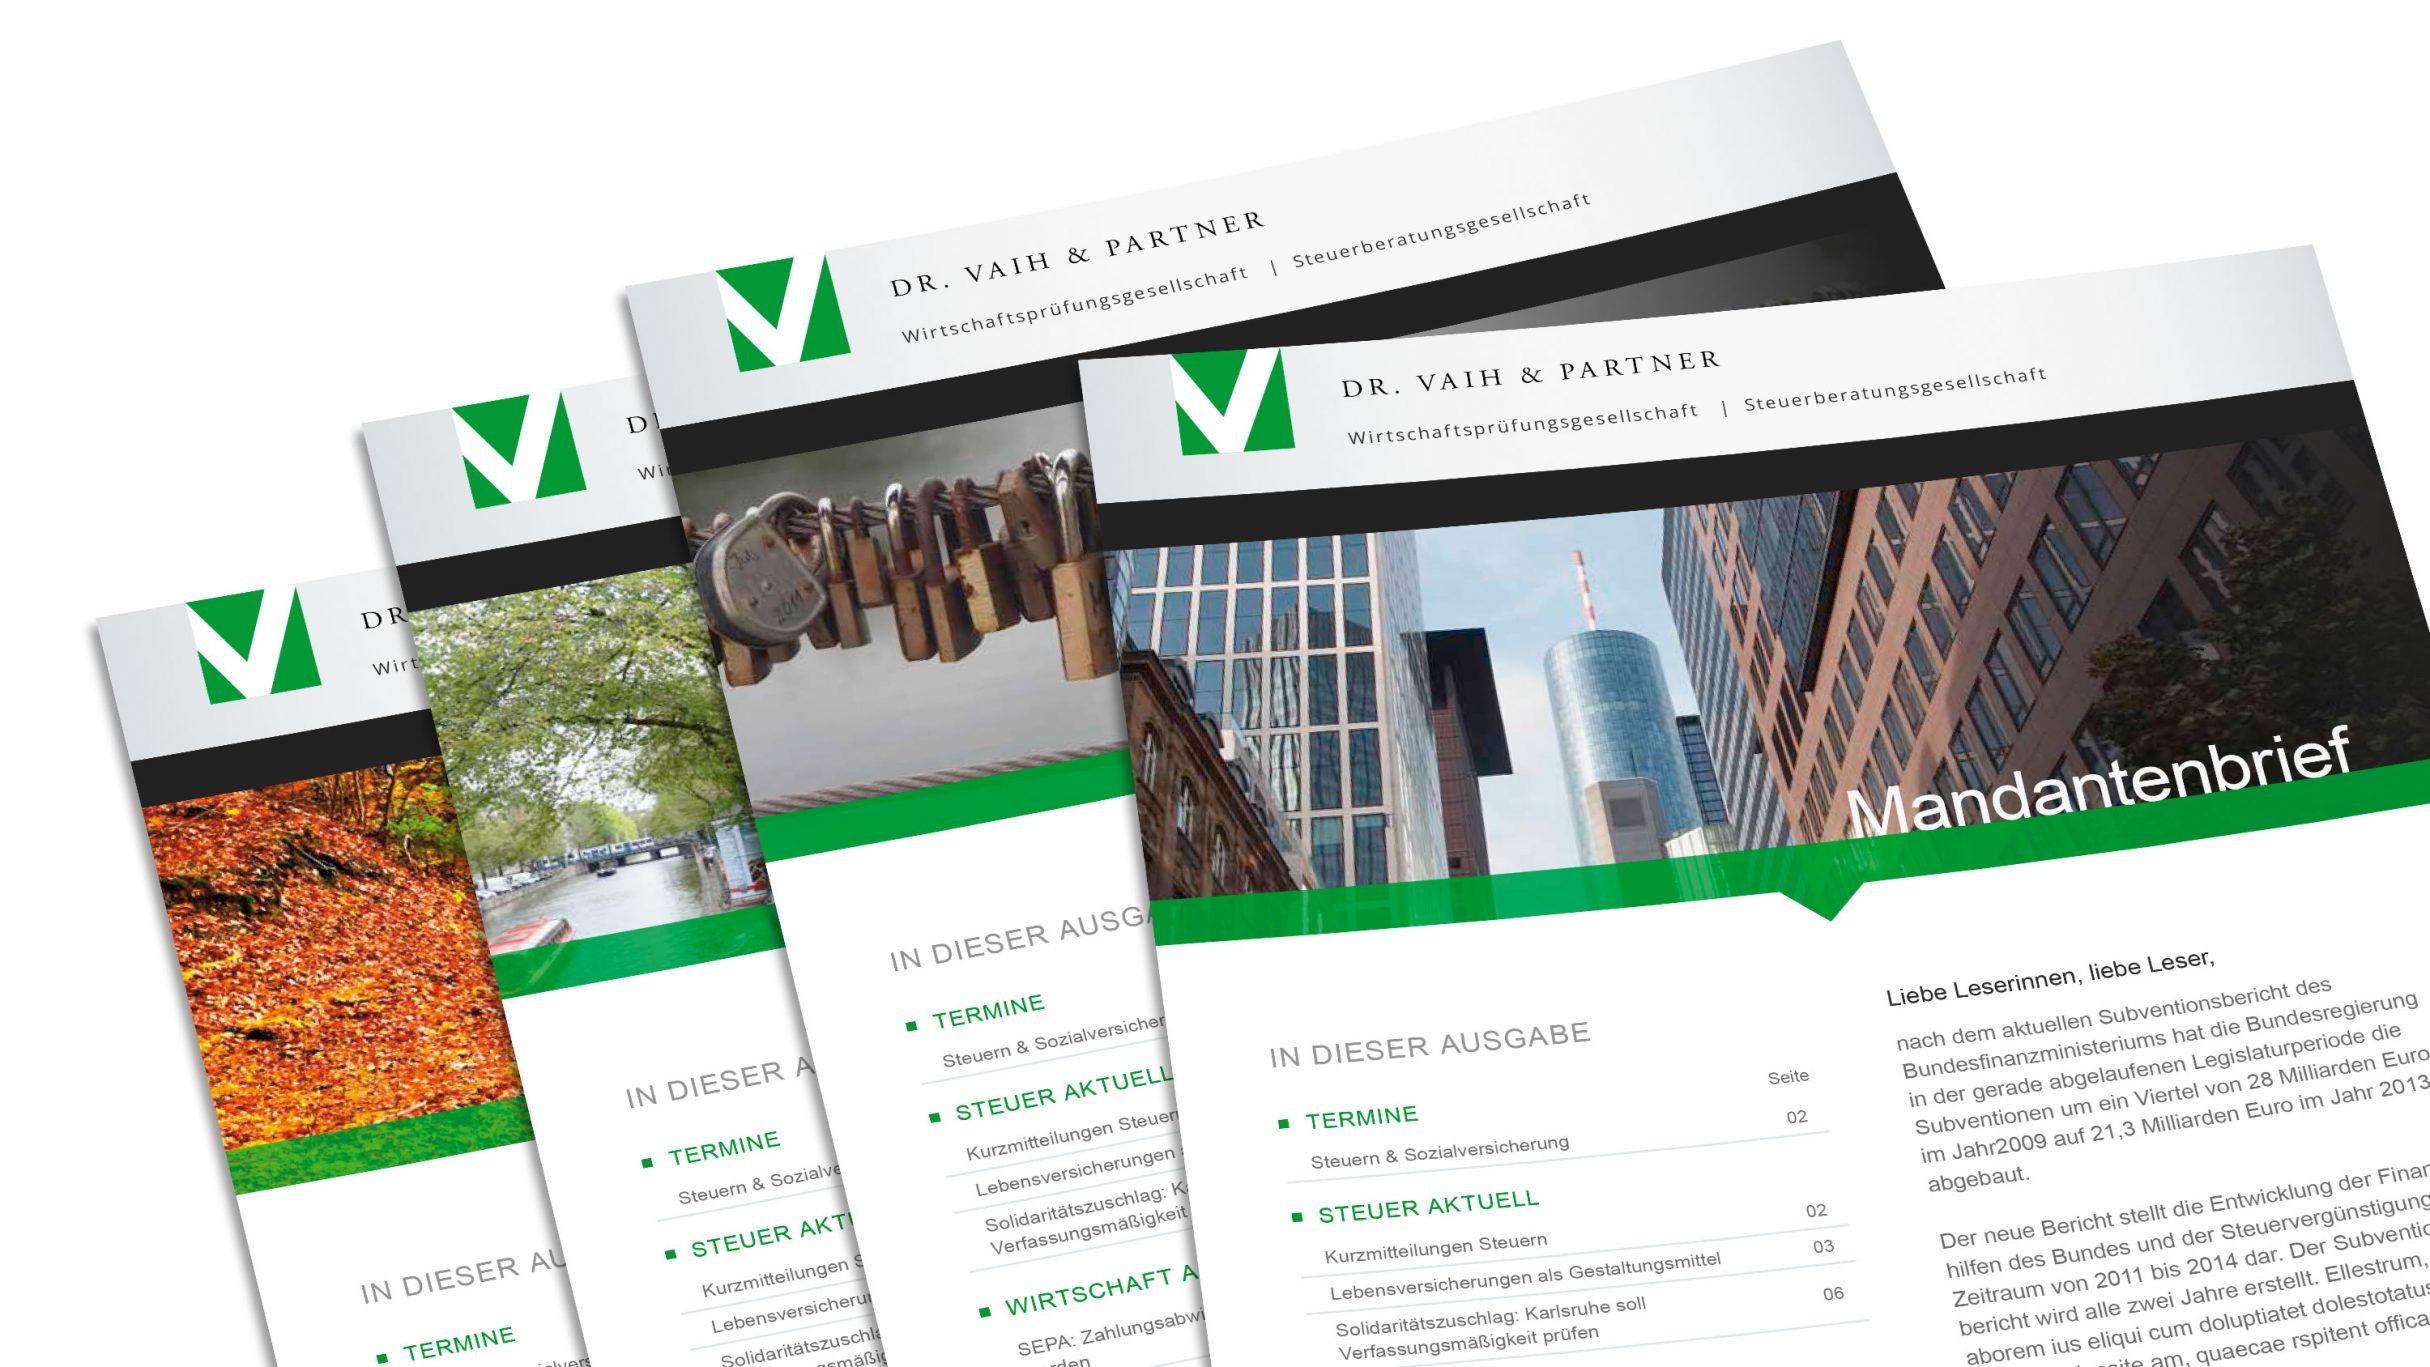 Corporate Design, Mandantenbrief für Dr. Vaih und Partner: DIE NEUDENKER® Agentur, Darmstadt